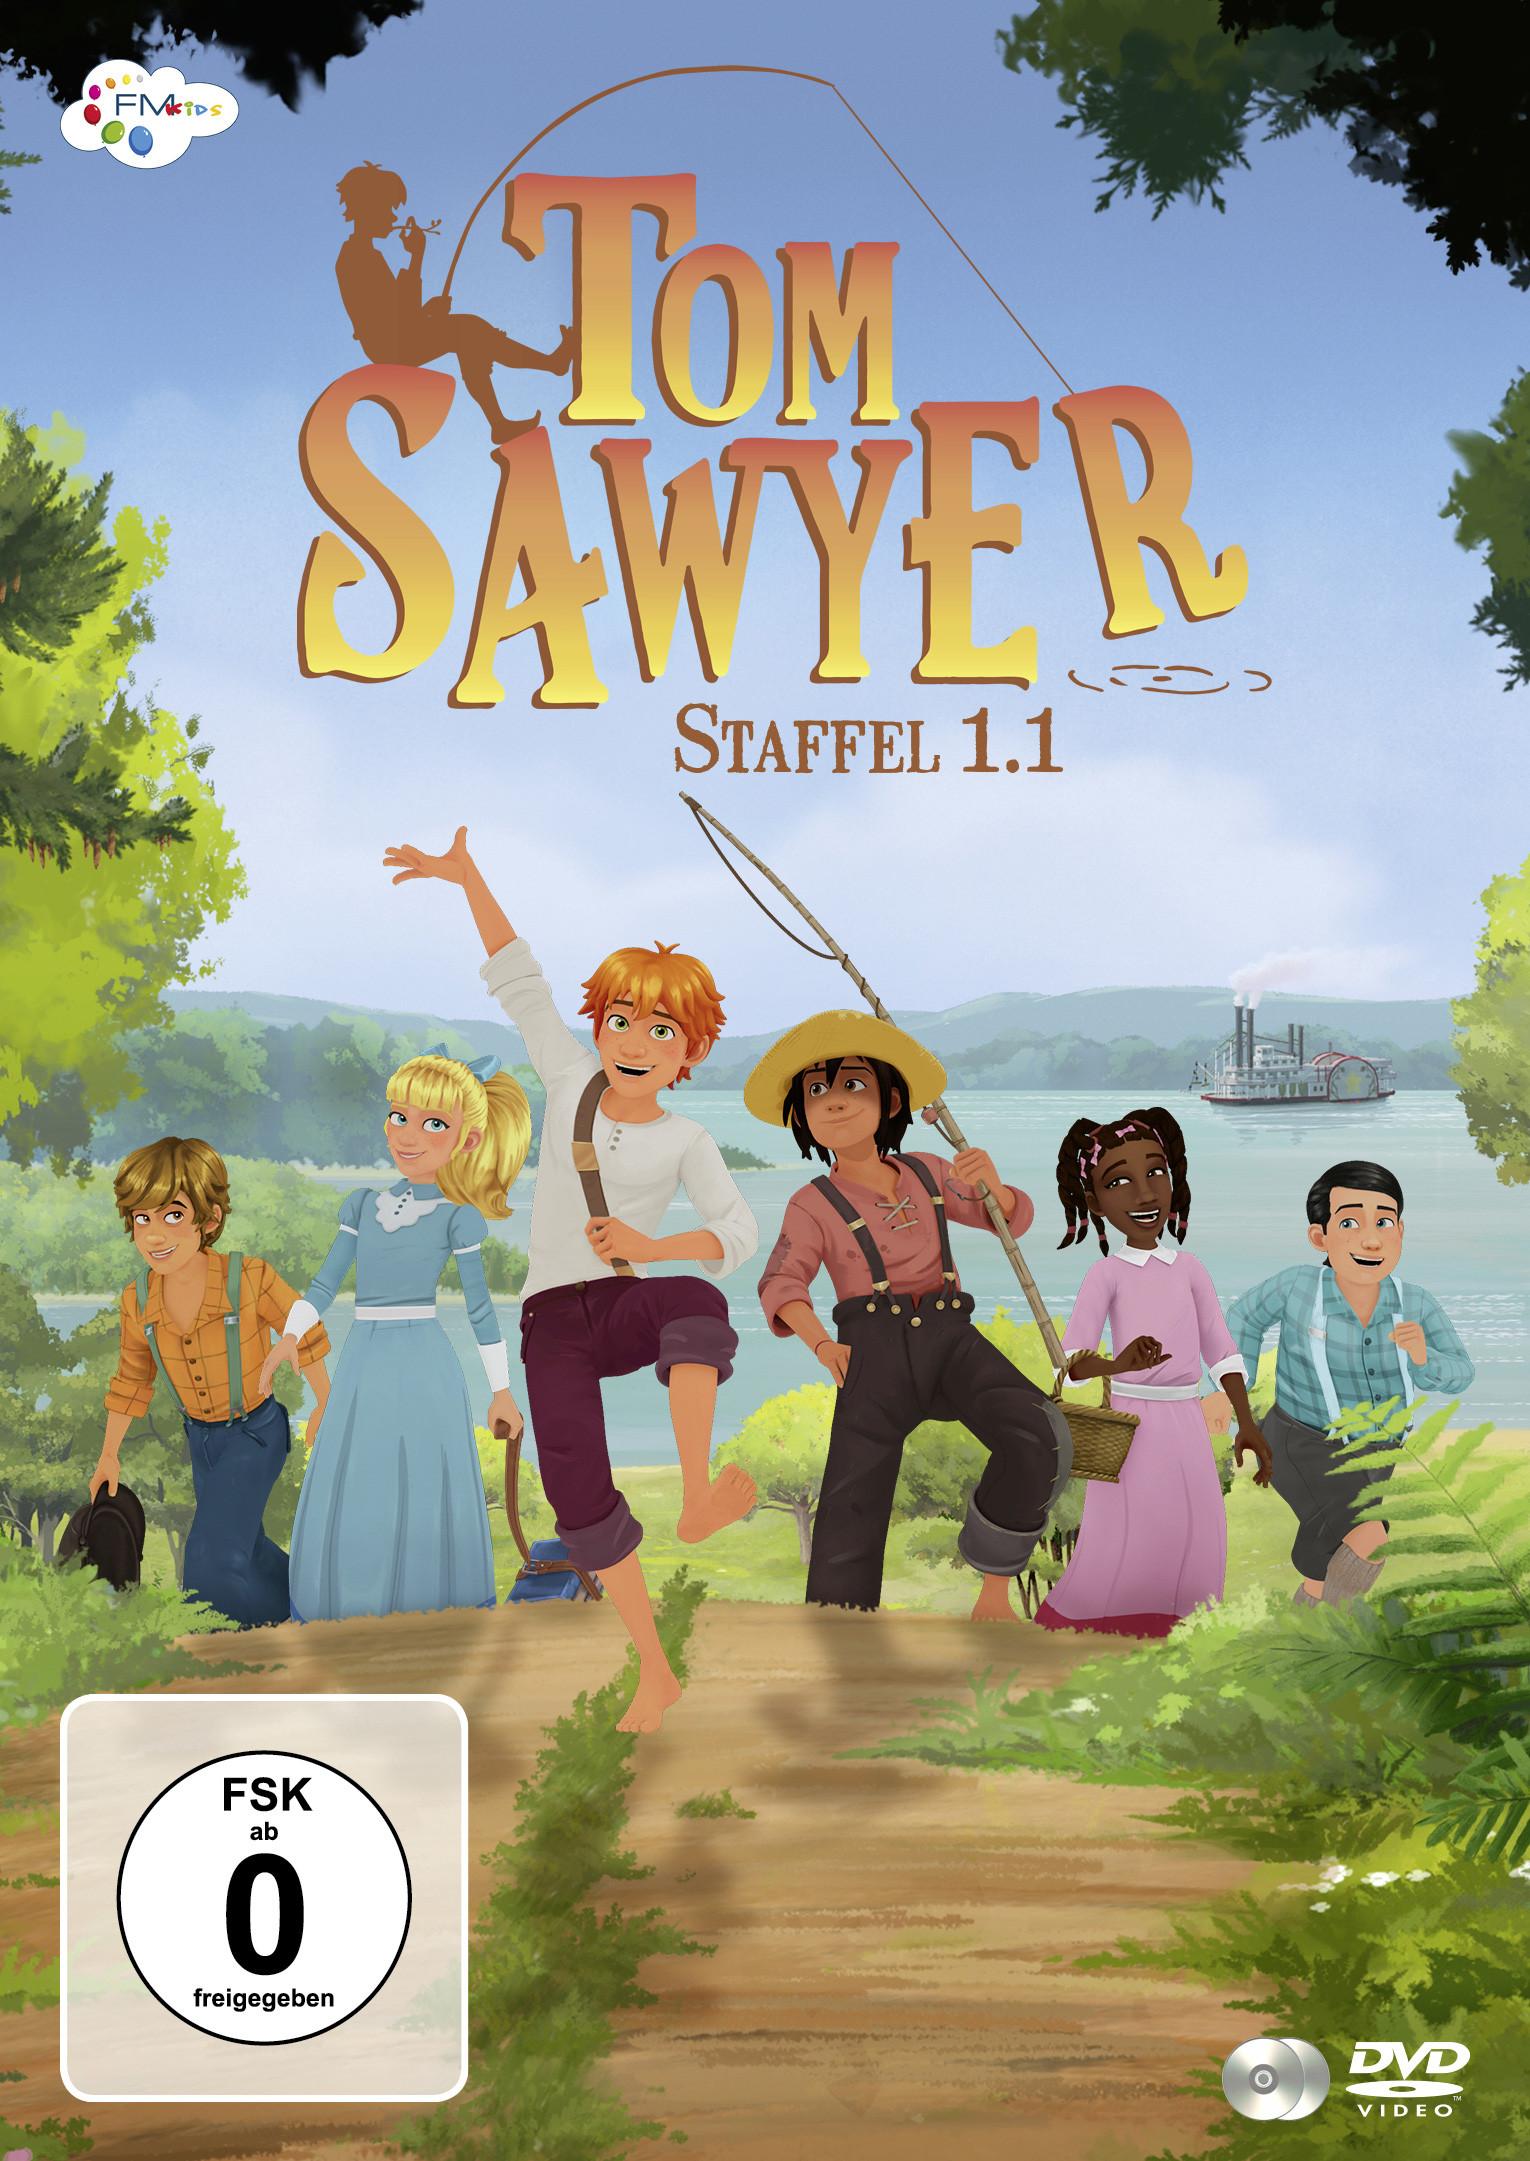 Tom Sawyer - Staffel 1.1 (2 DVDs)